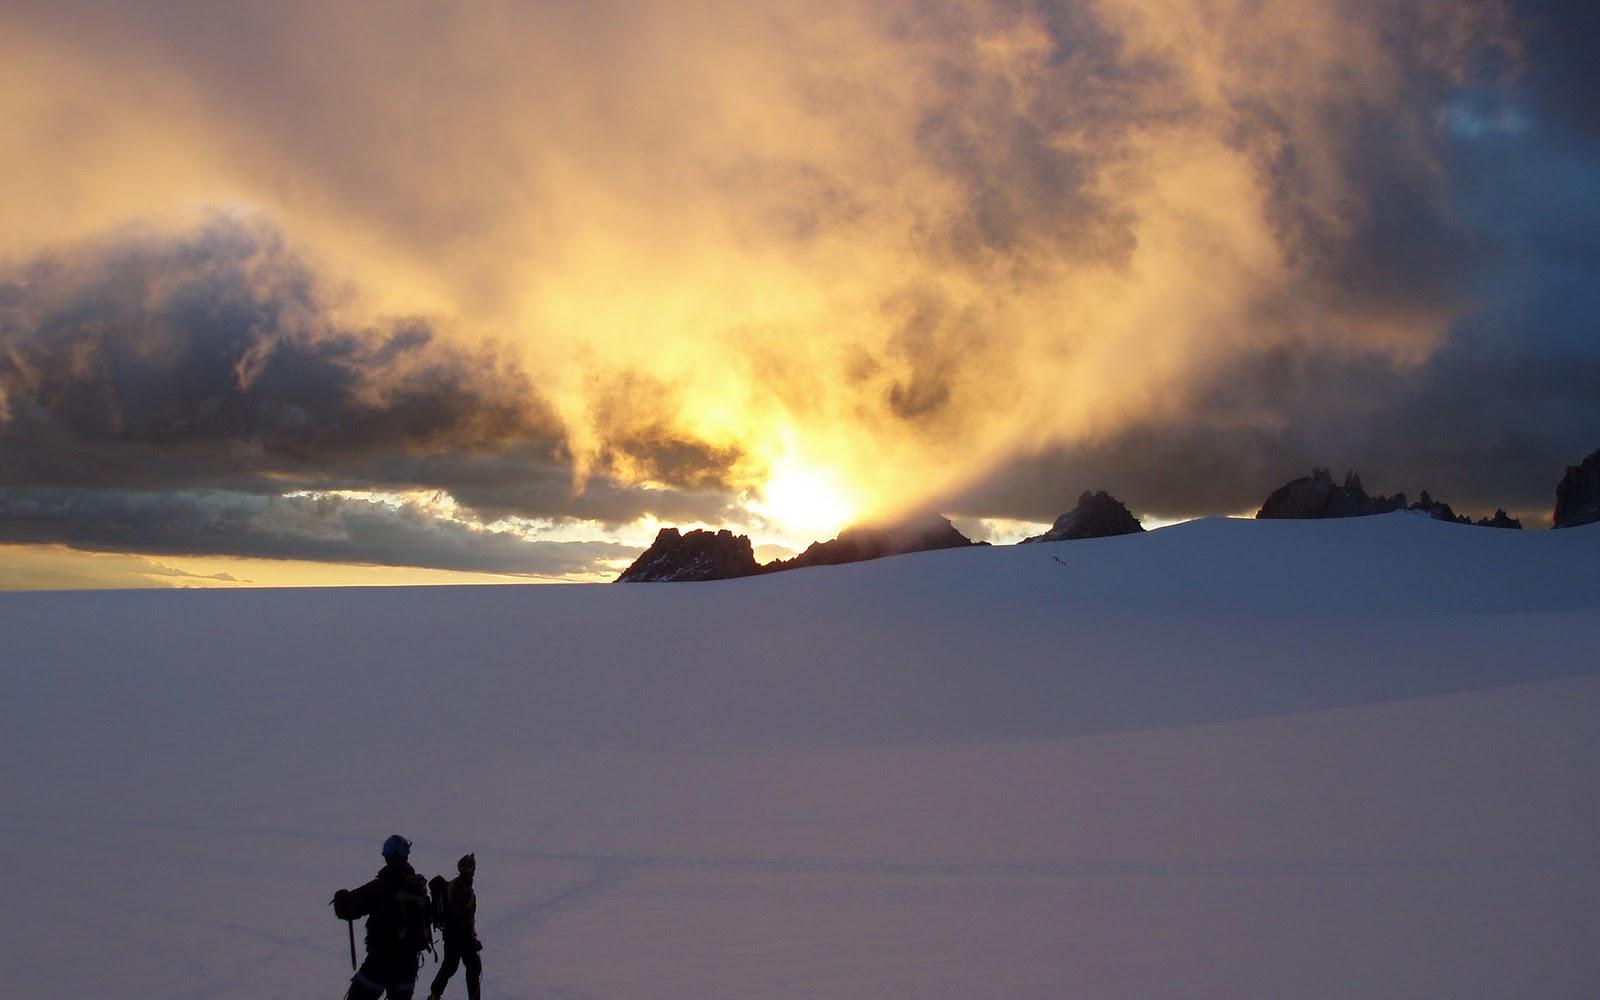 http://3.bp.blogspot.com/-MupPukcTB-Q/TrVis_AfL2I/AAAAAAAAUk8/Ee0e9U0nKjA/s1600/mountain-climbing-wallpaper-1920x1200-0003.jpg